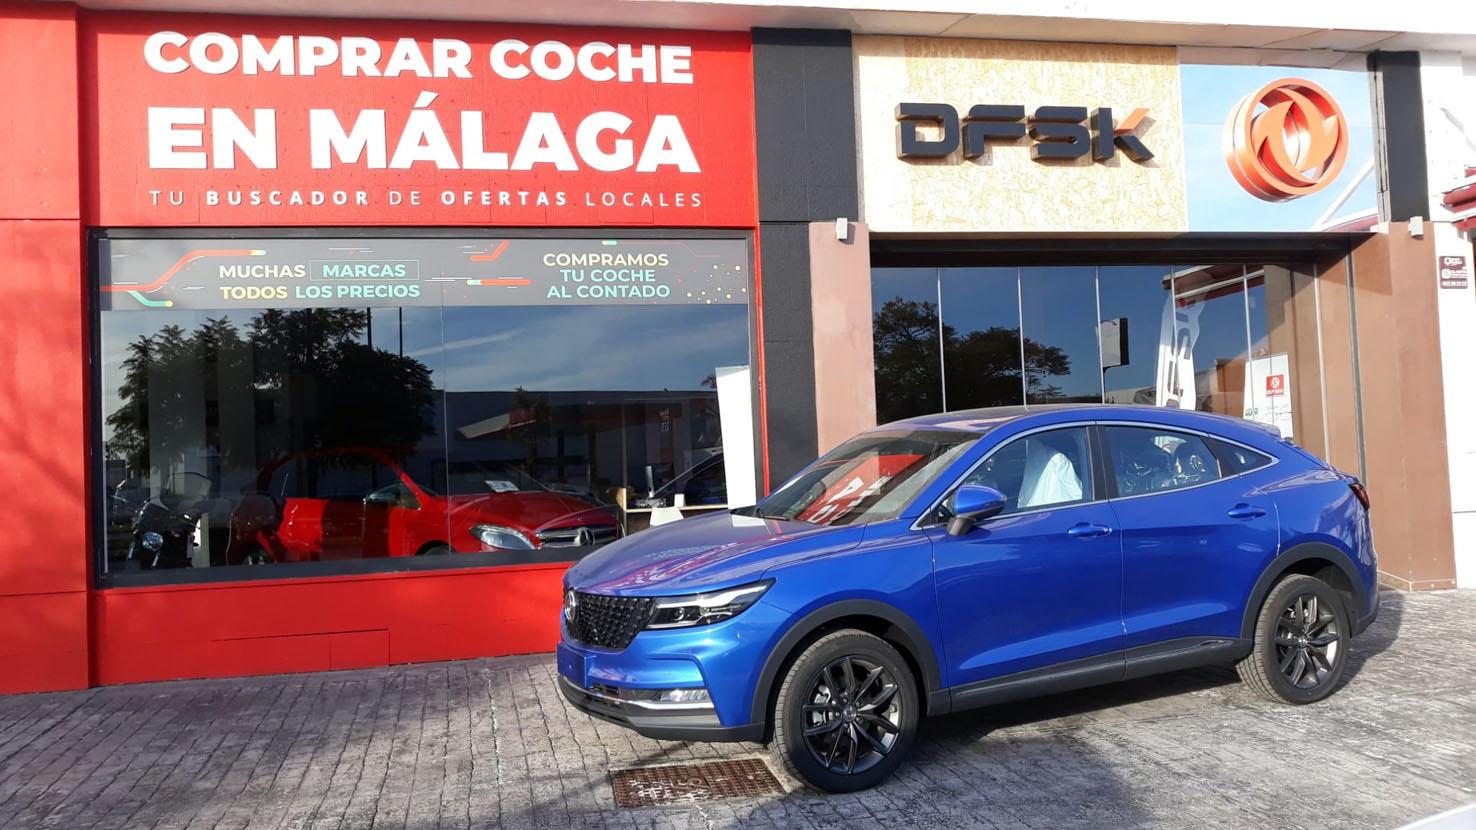 Comprar Coche en Málaga y DFSK, Grupo Cabmei Icars.